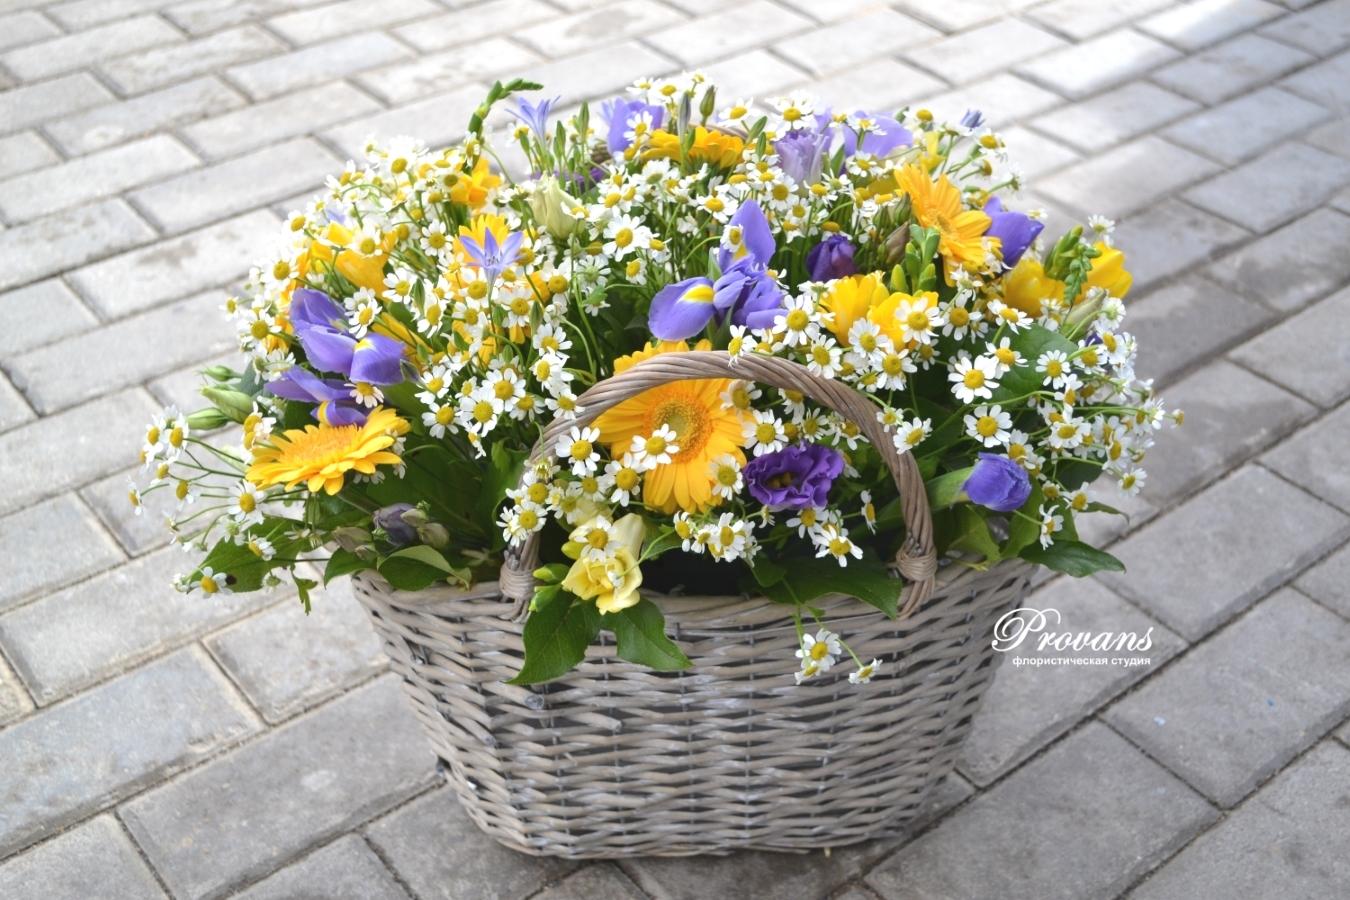 Летняя корзина с полевыми цветами. Ромашки, герберы, ирисы, фрезия